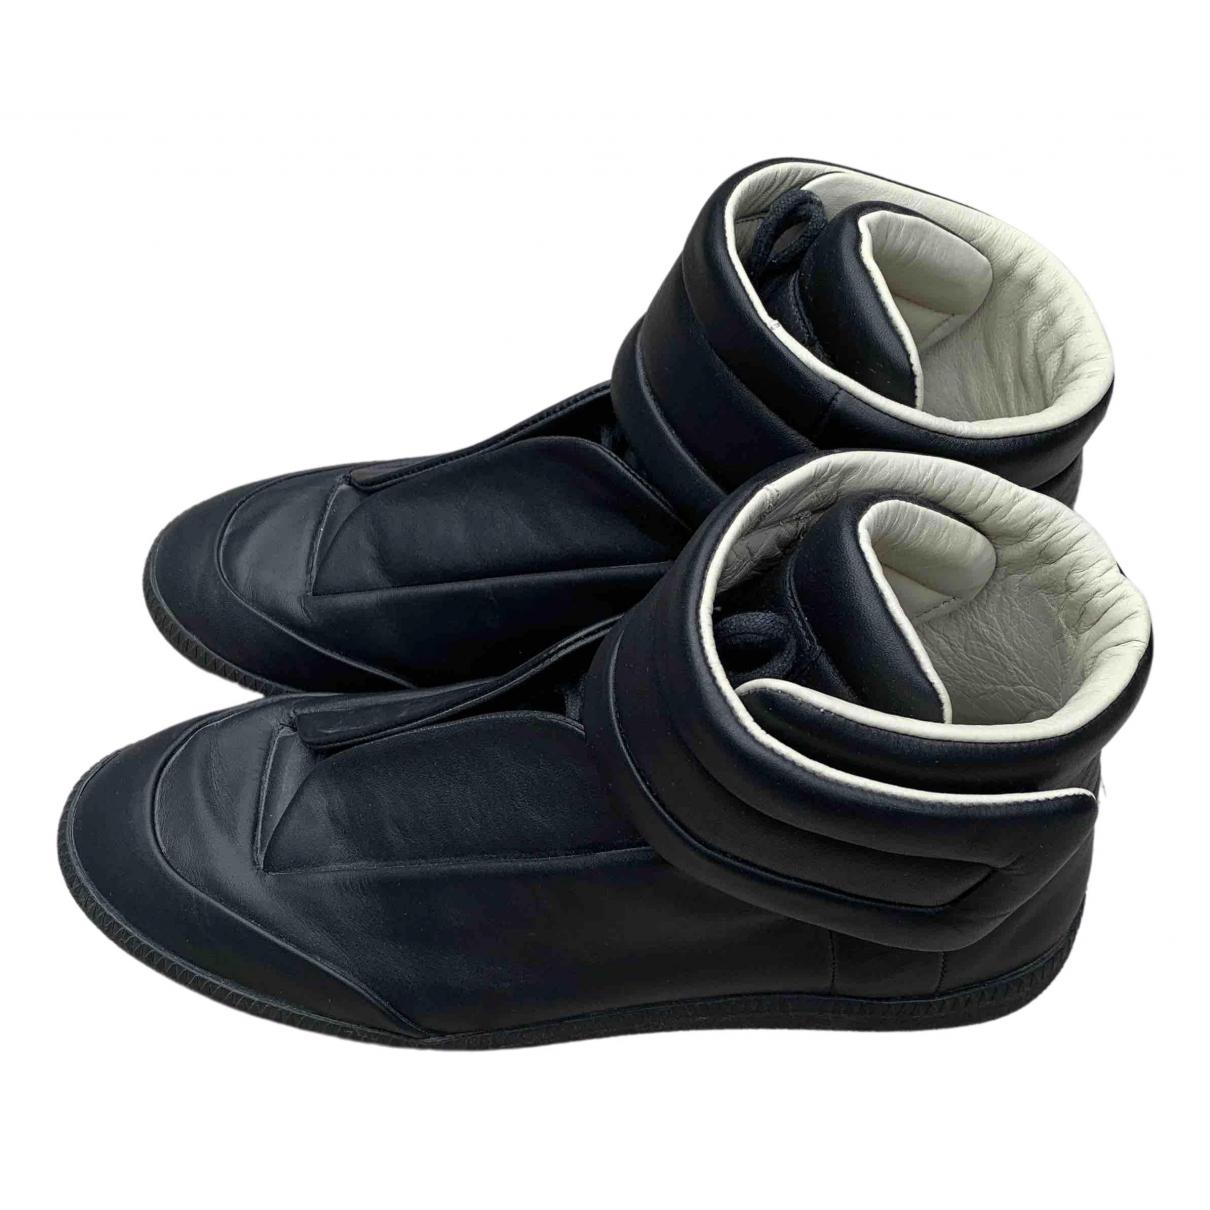 Maison Martin Margiela Future Sneakers in  Schwarz Leder